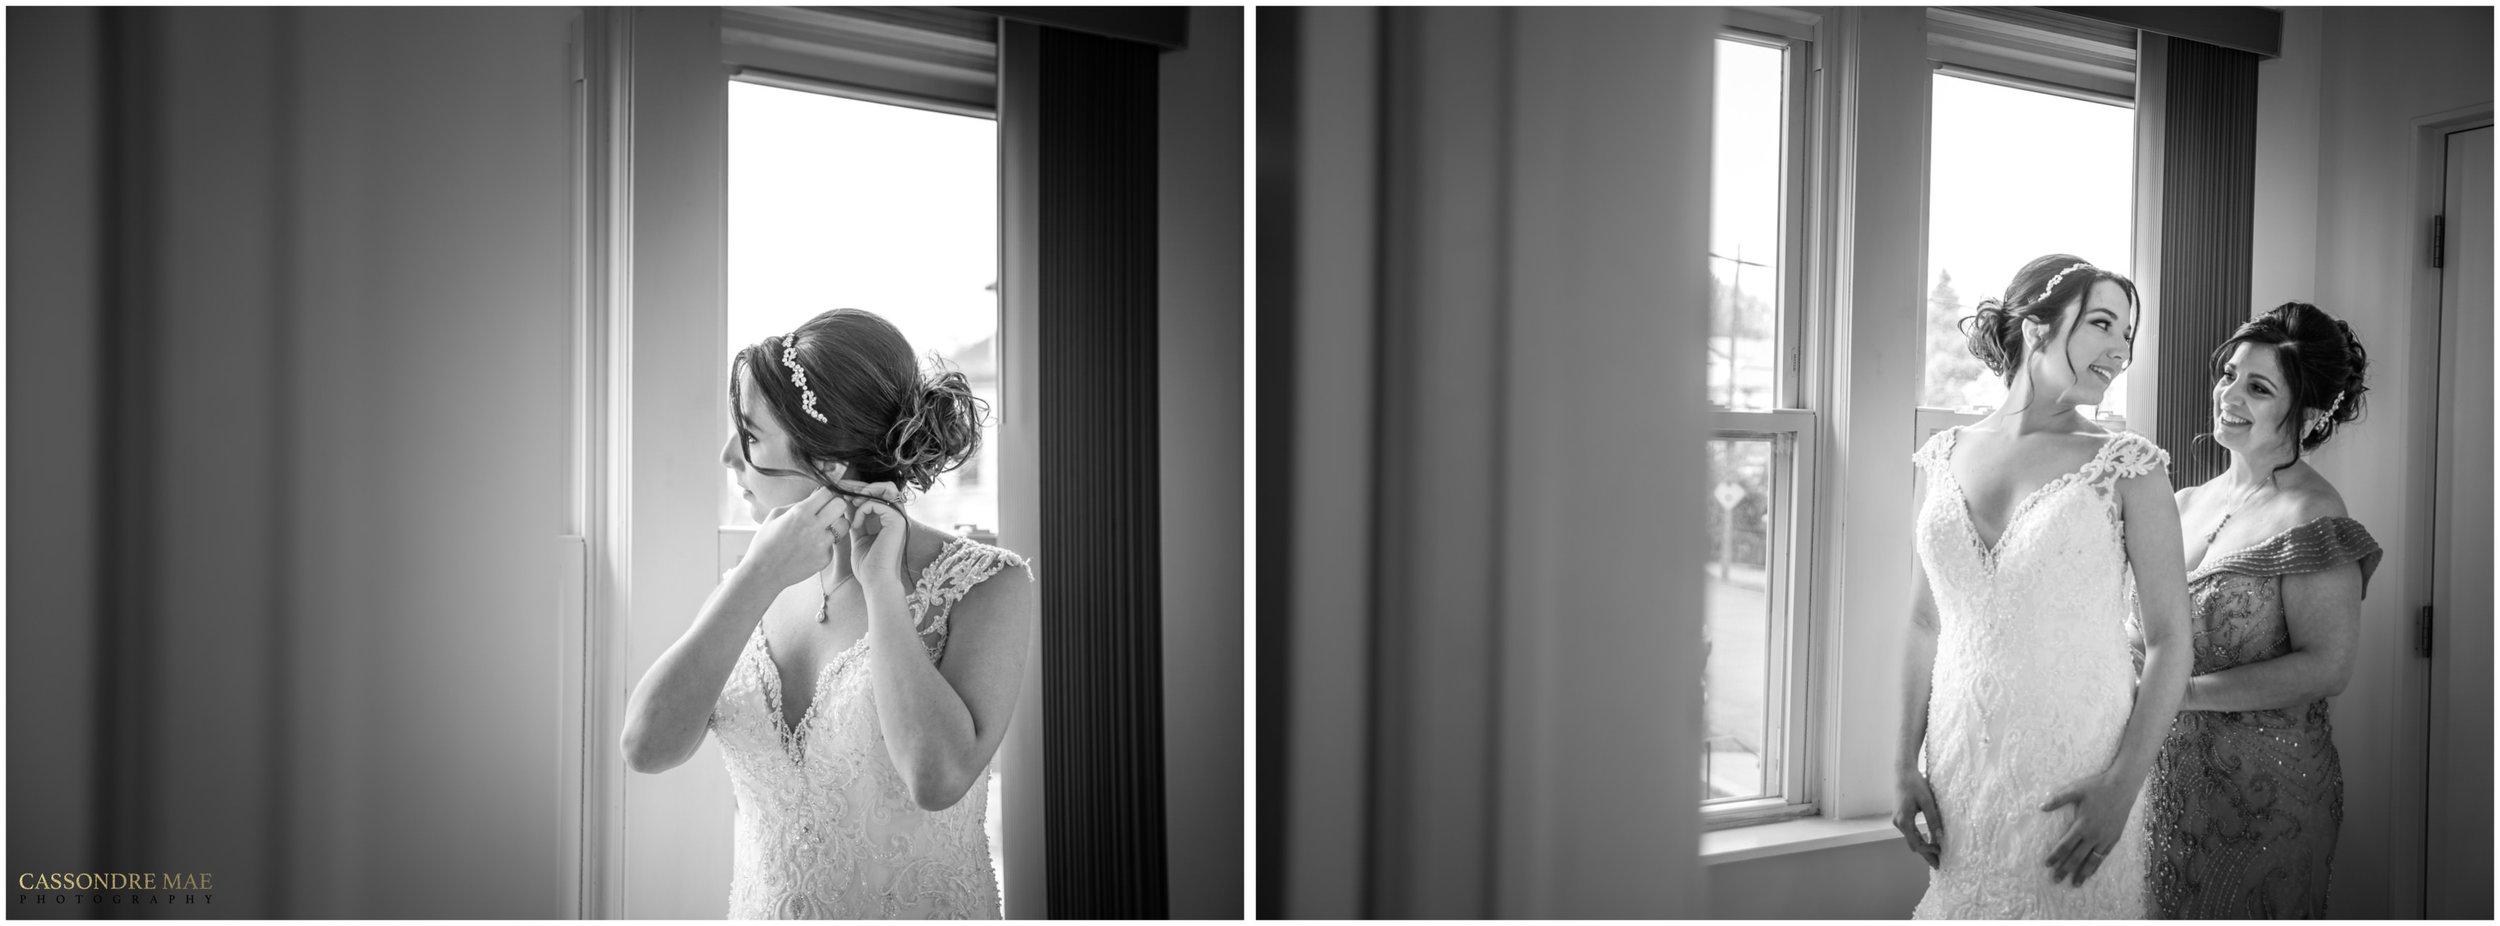 Cassondre Mae Photography Marina Del Ray Weddings 34.jpg